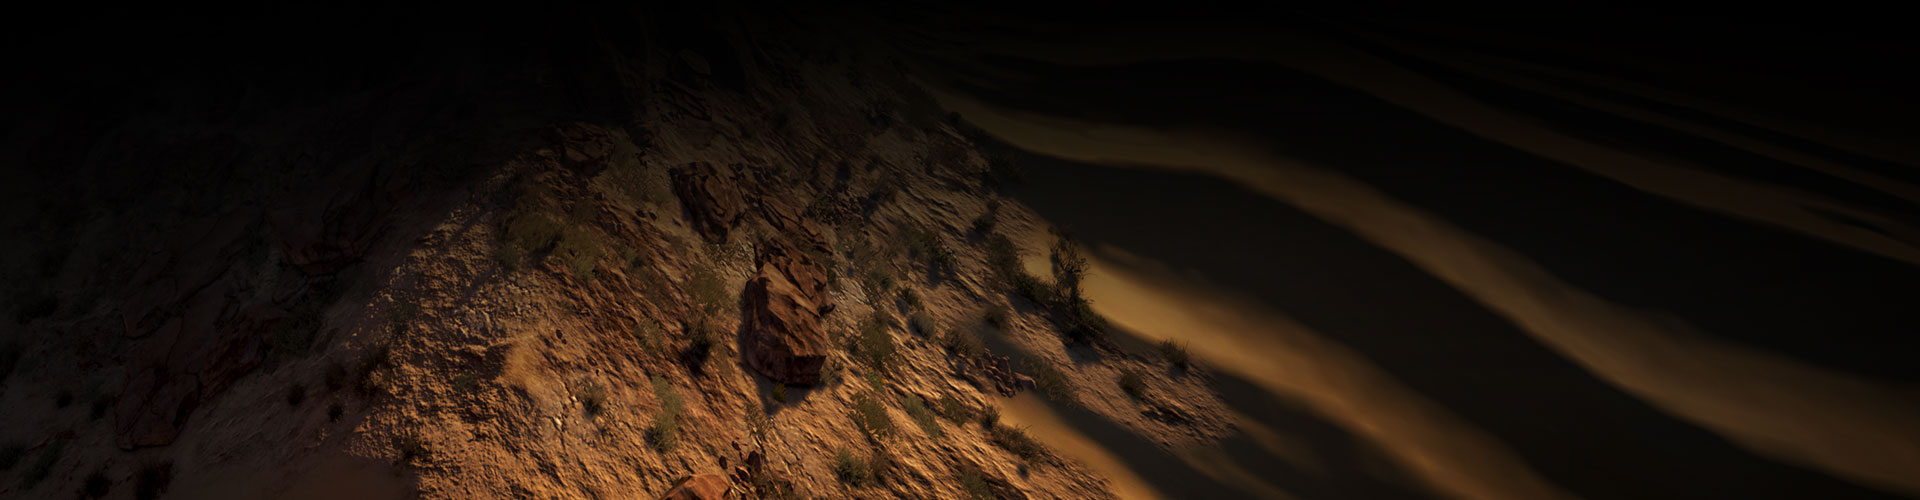 Collines rocheuses désertiques